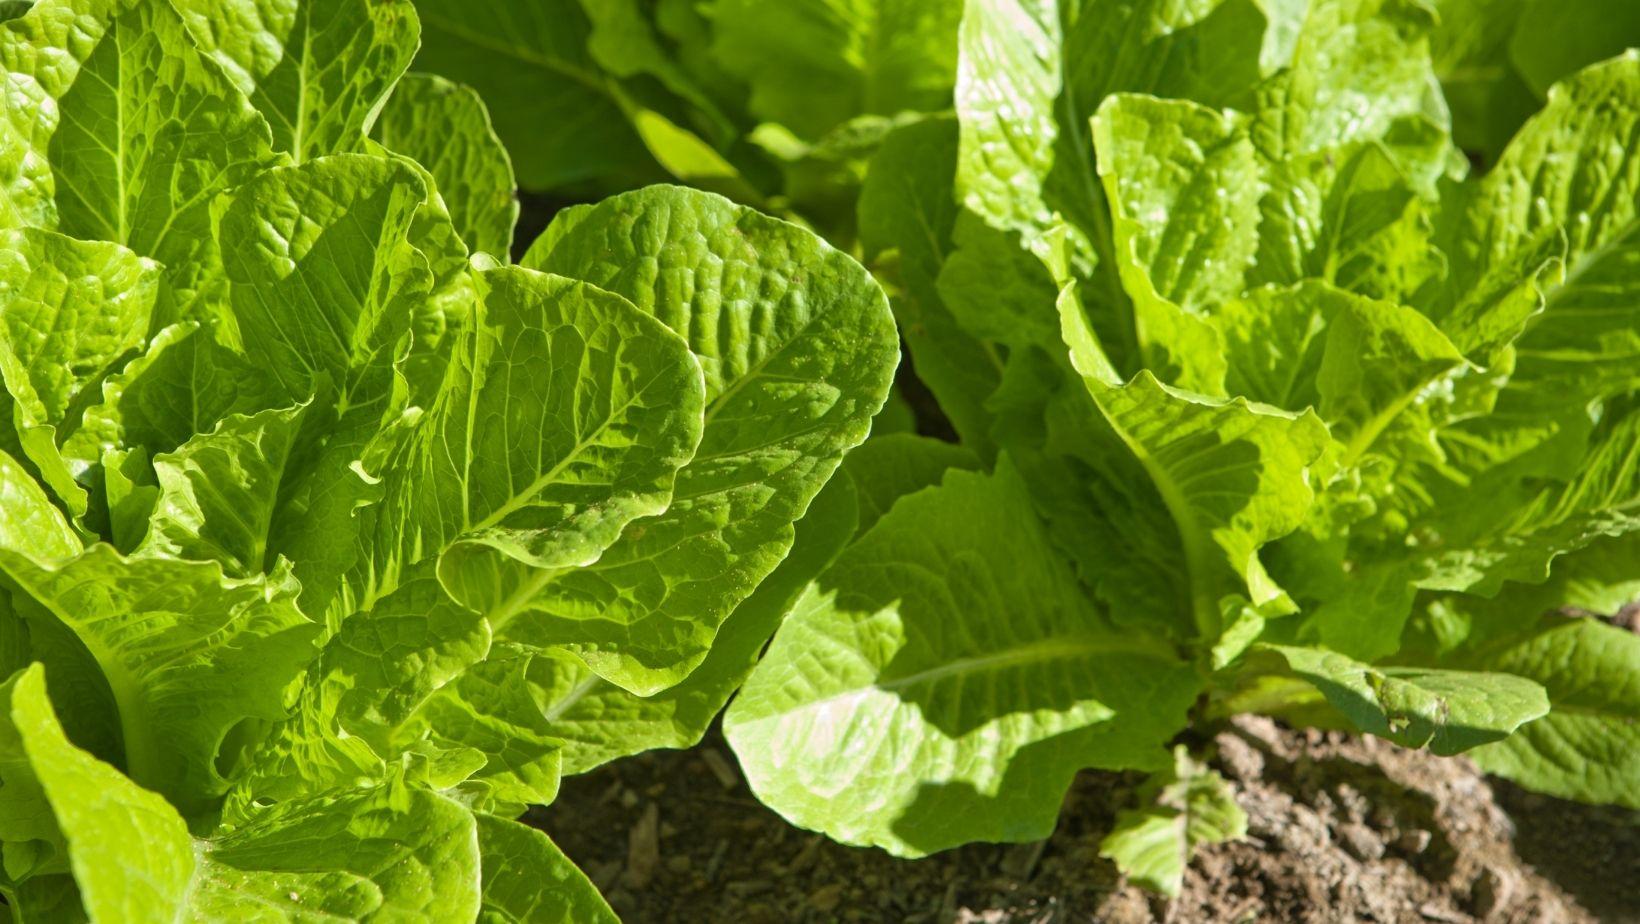 Saláta terméshozama. Mennyi lehet a termésátlag otthon?